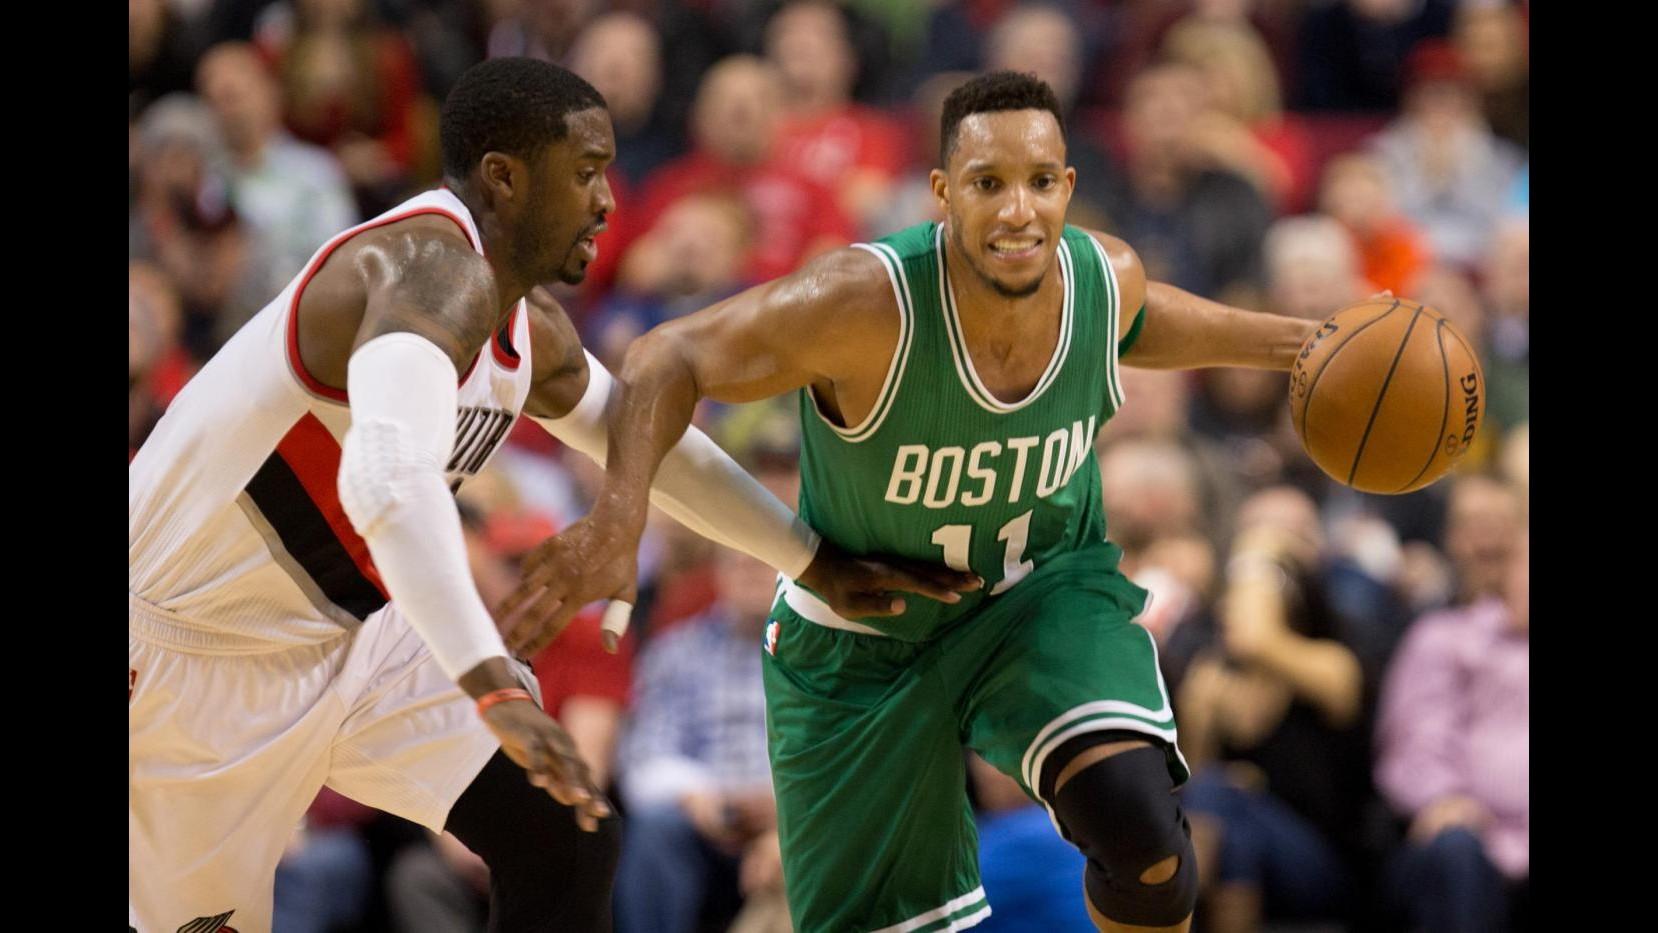 Basket, i Boston Celtics a Milano contro l'Olimpia il 6 ottobre